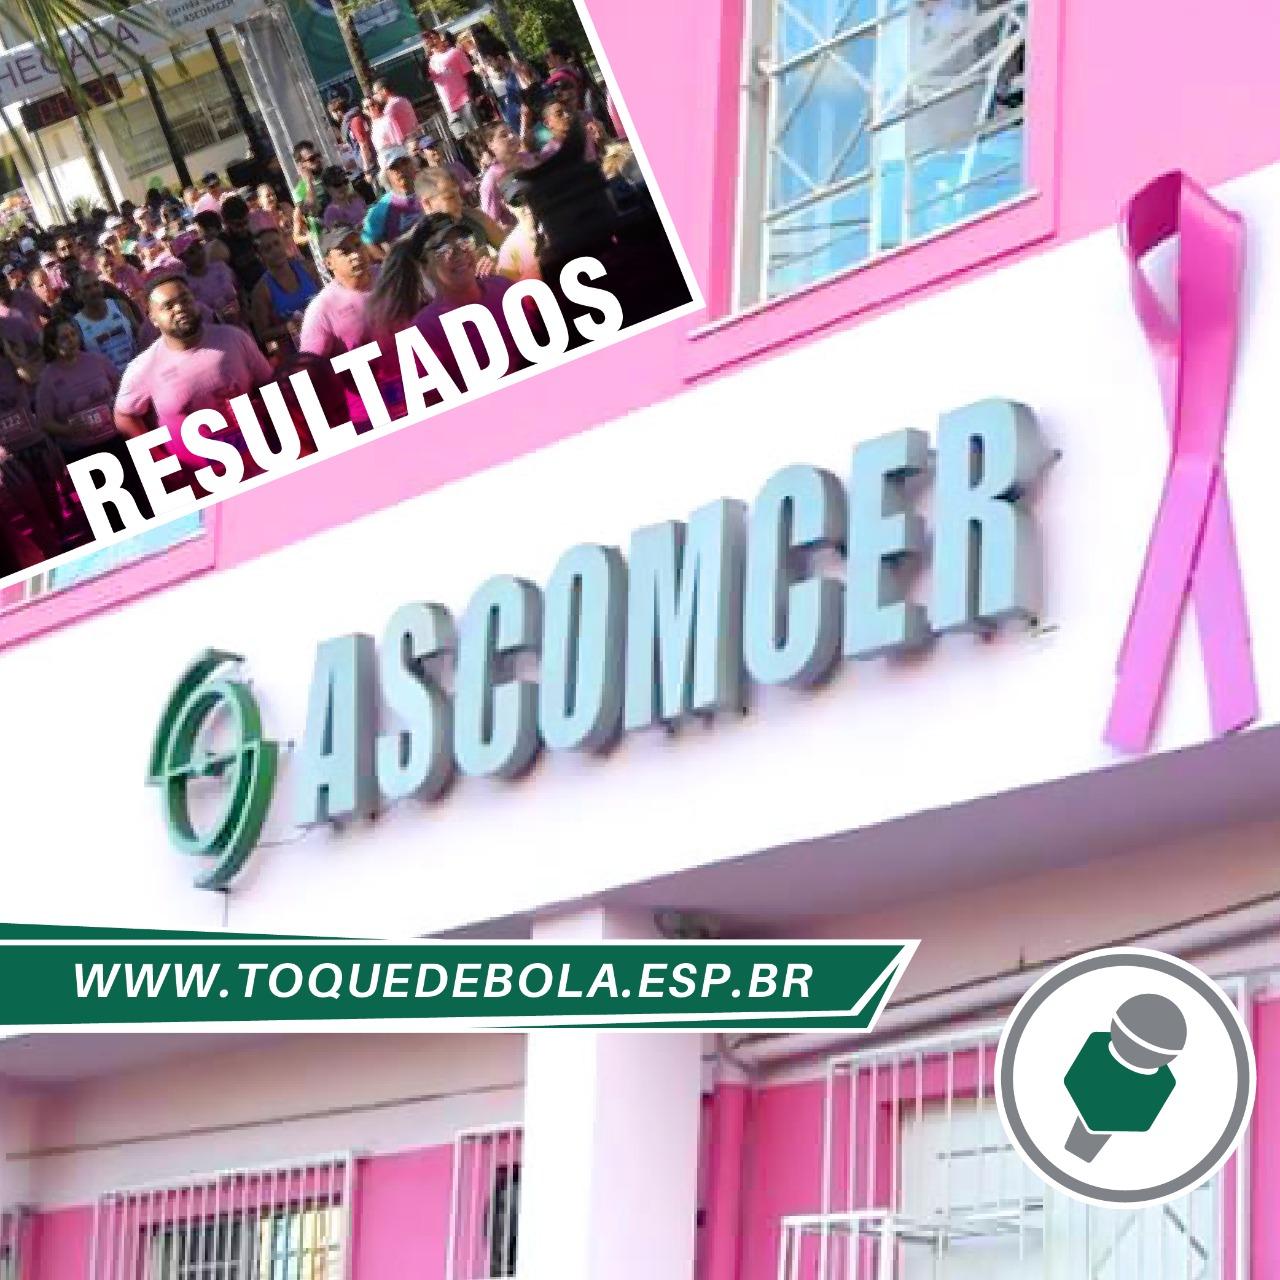 Read more about the article Corrida da Ascomcer: confira os resultados da prova virtual!